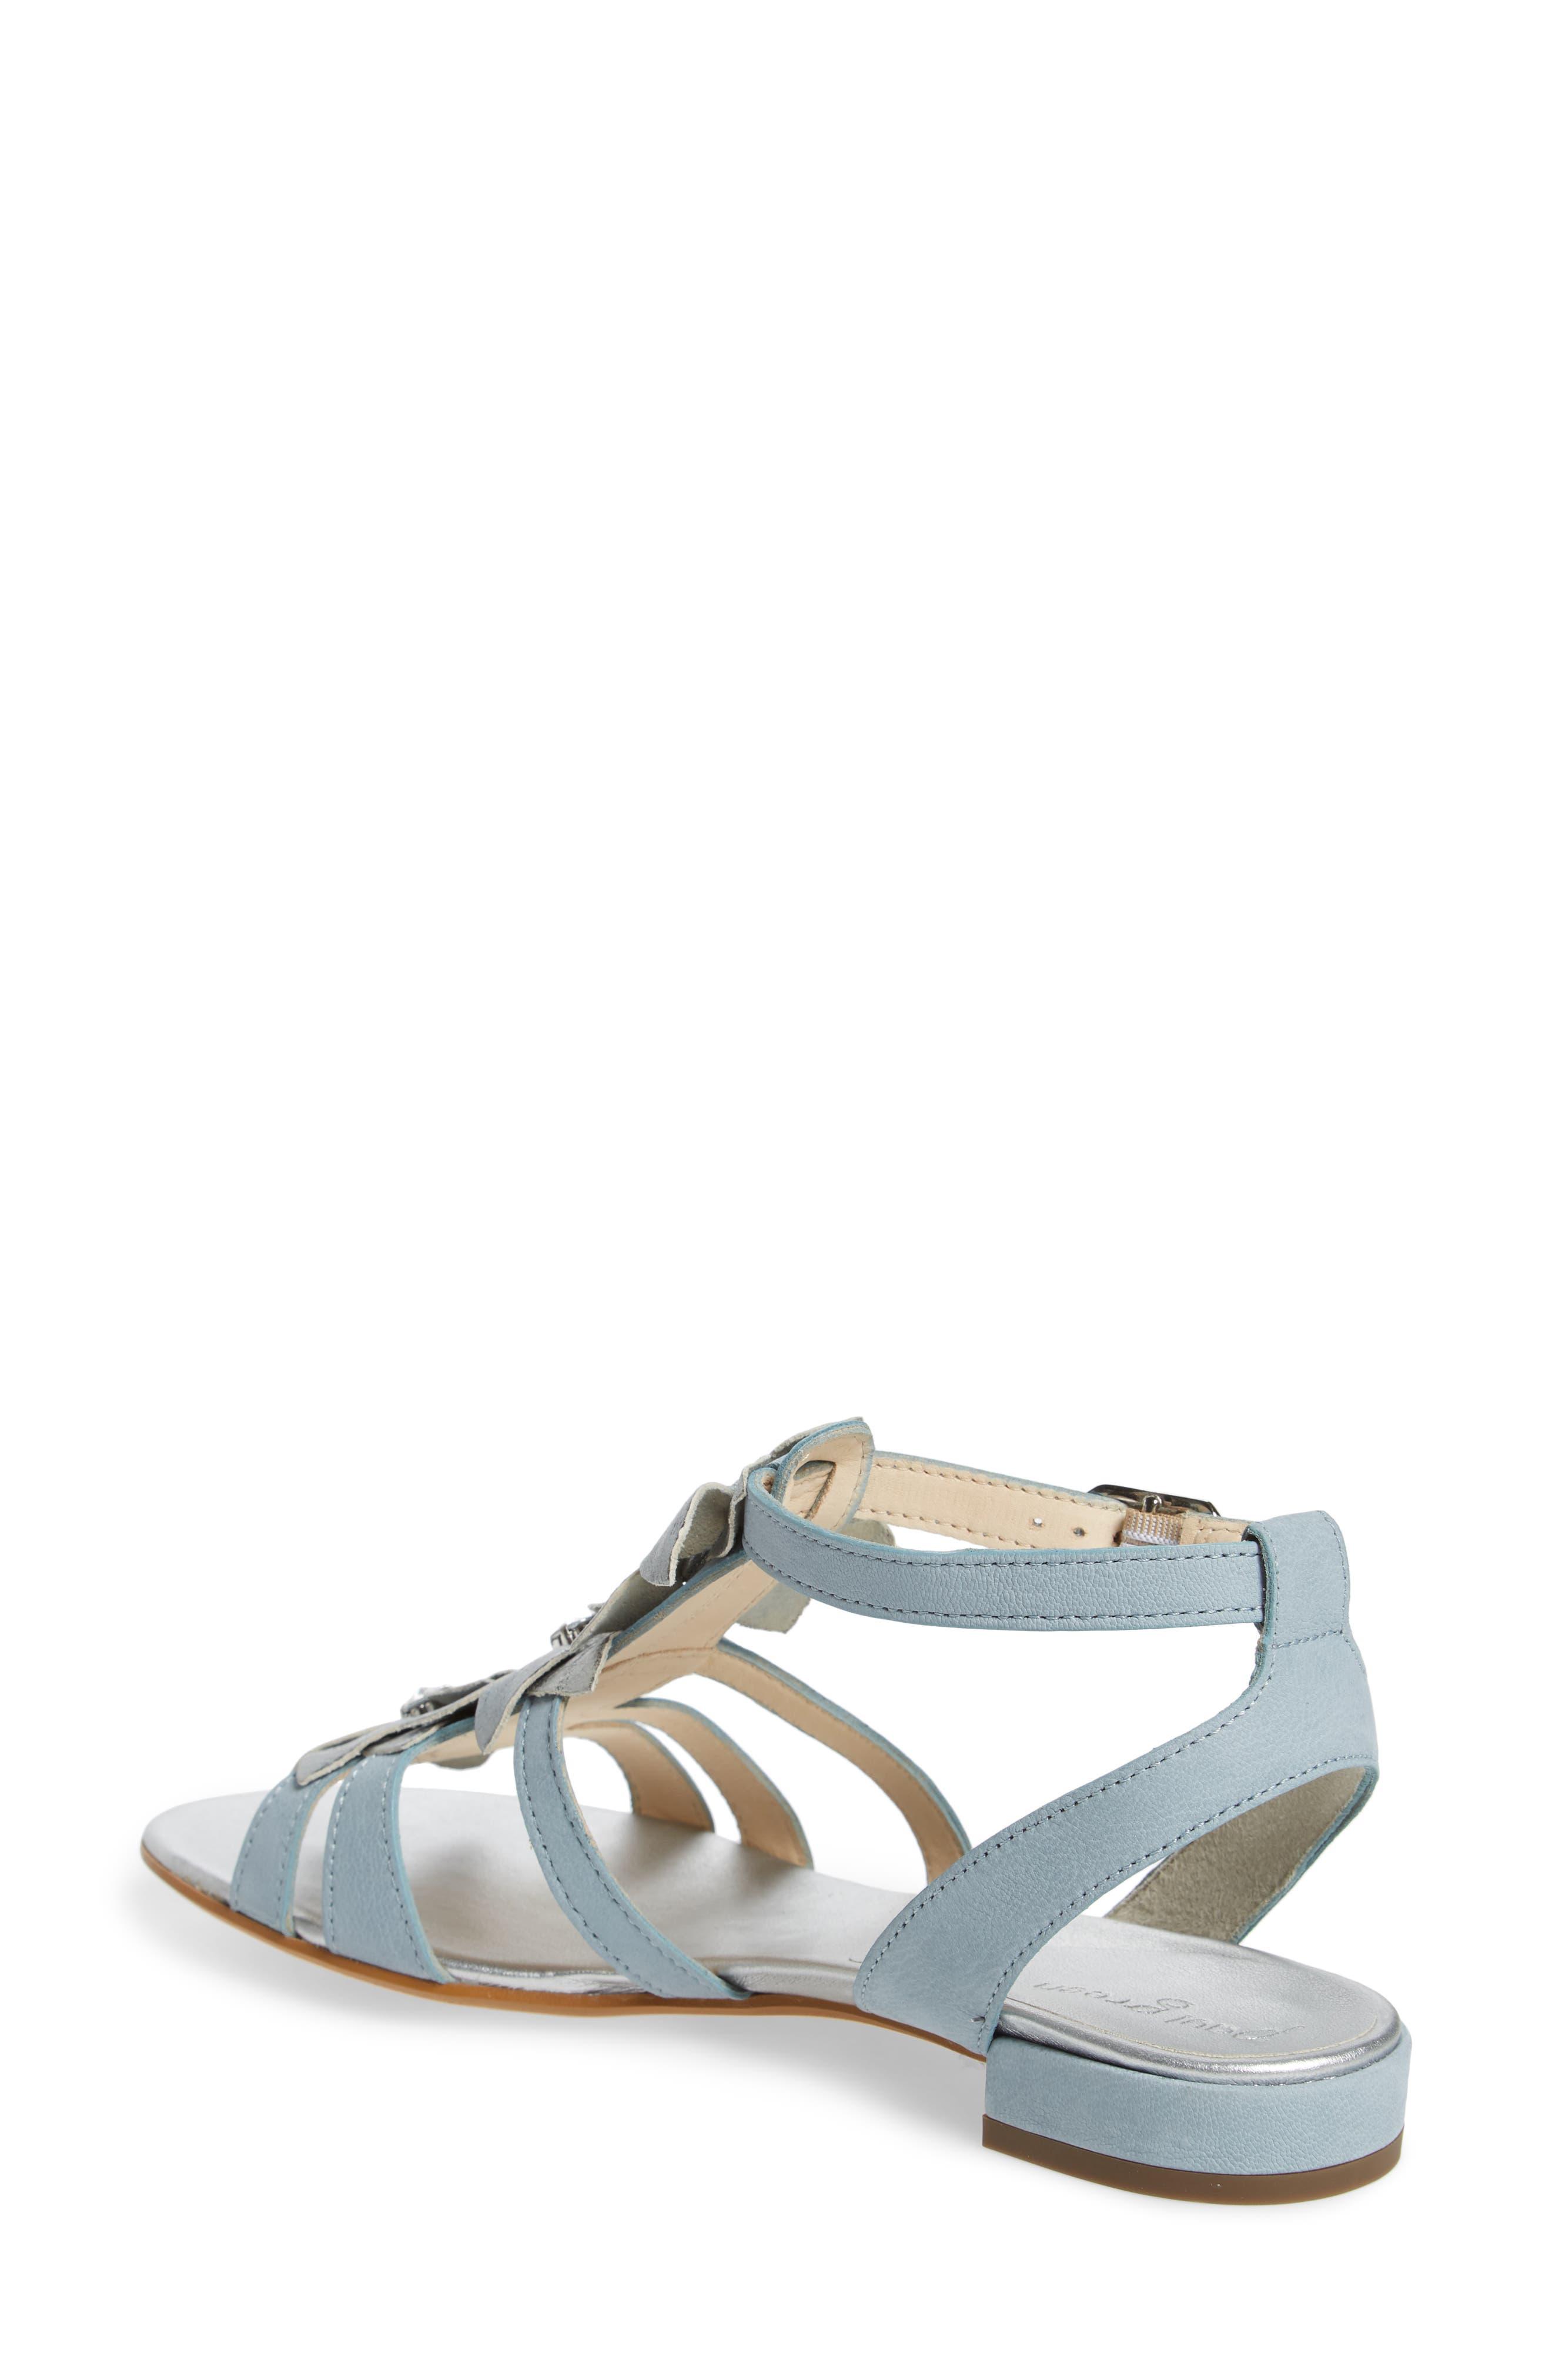 Norien Embellished Flower Sandal,                             Alternate thumbnail 2, color,                             Lago Brushed Leather